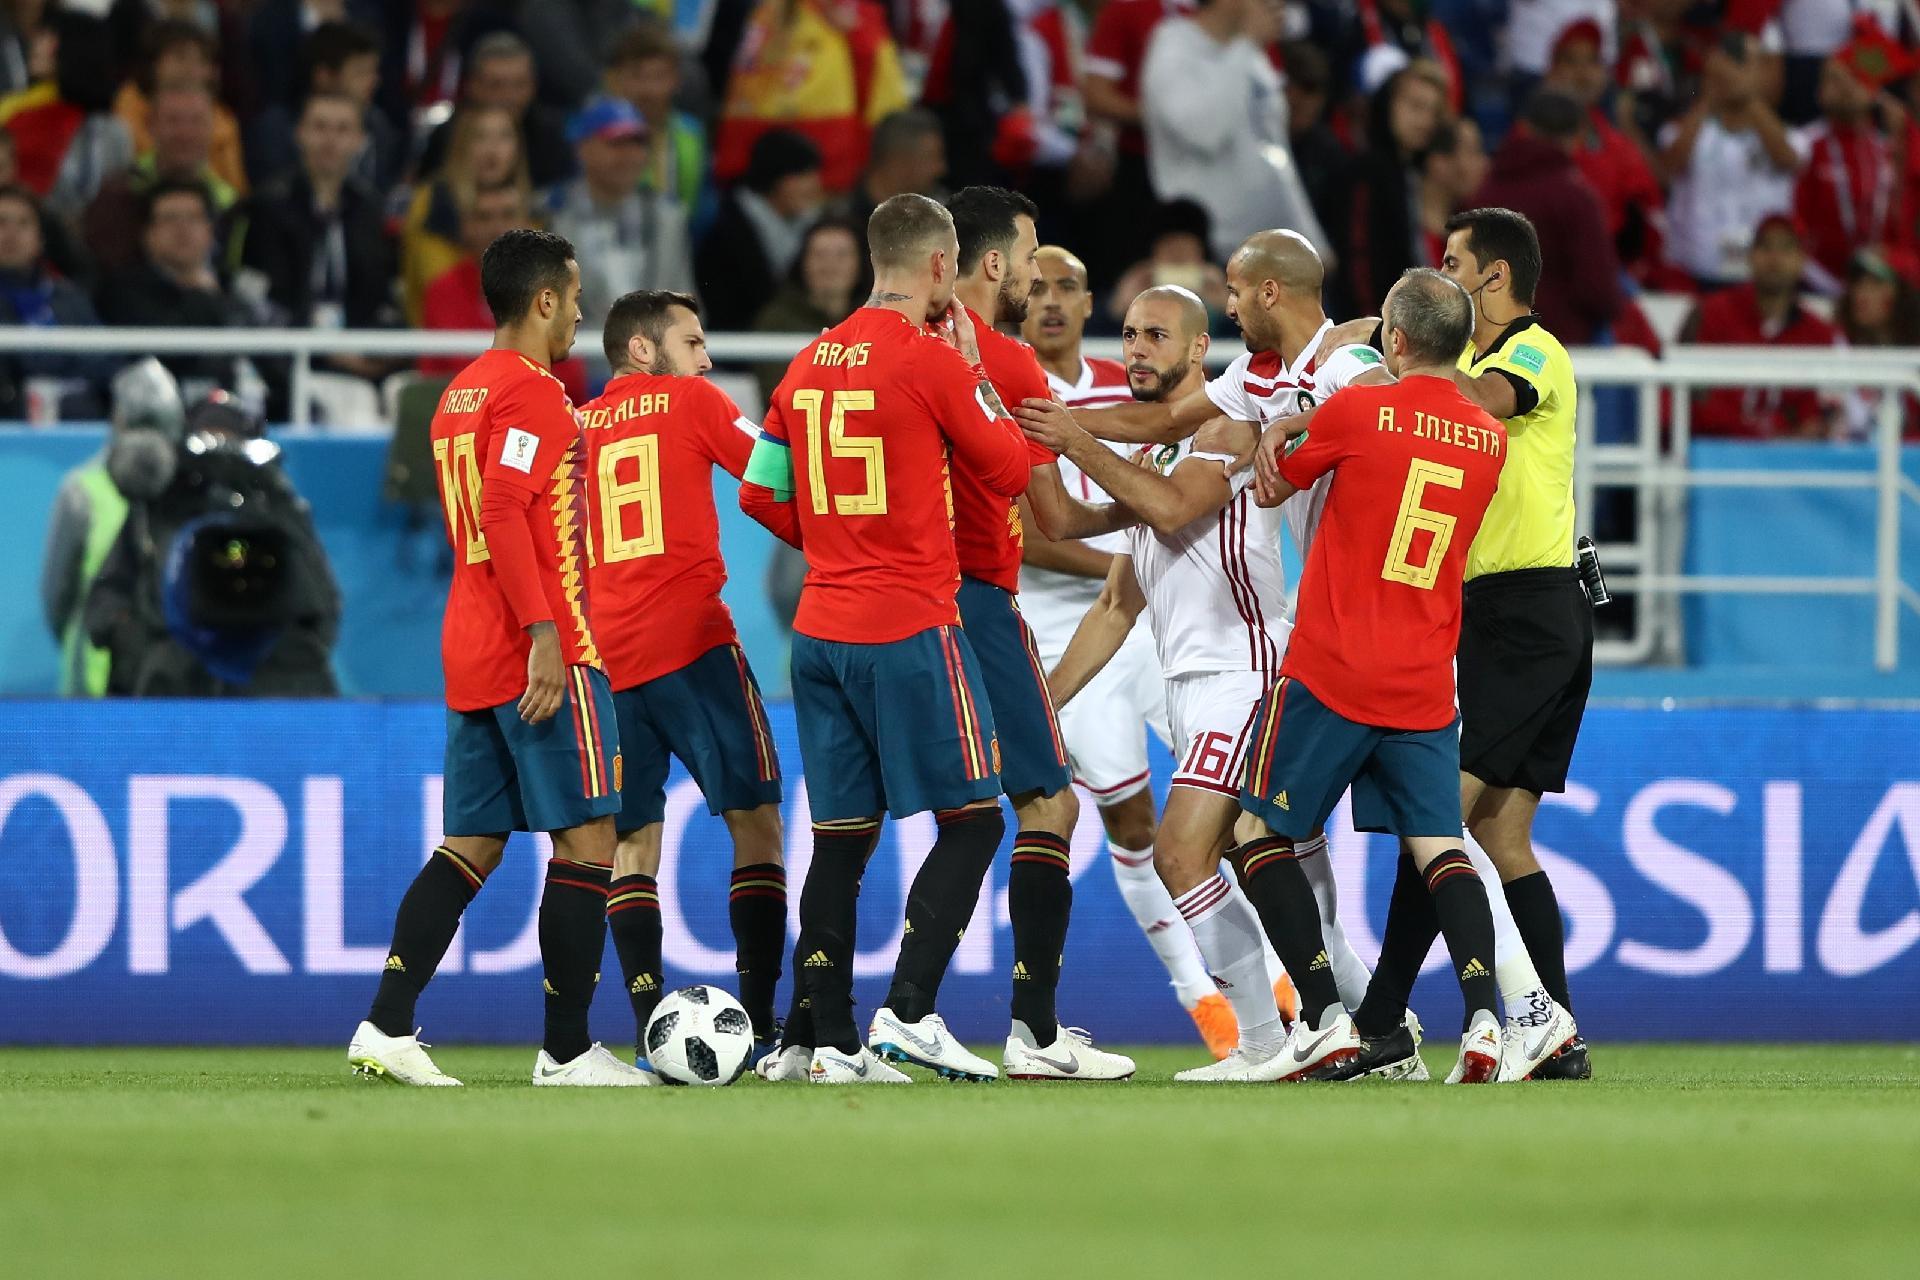 DIÁRIO DO RIO PRETO (DRP)  UOL  Espanha empata com Marrocos graças ... 4009210f57a40